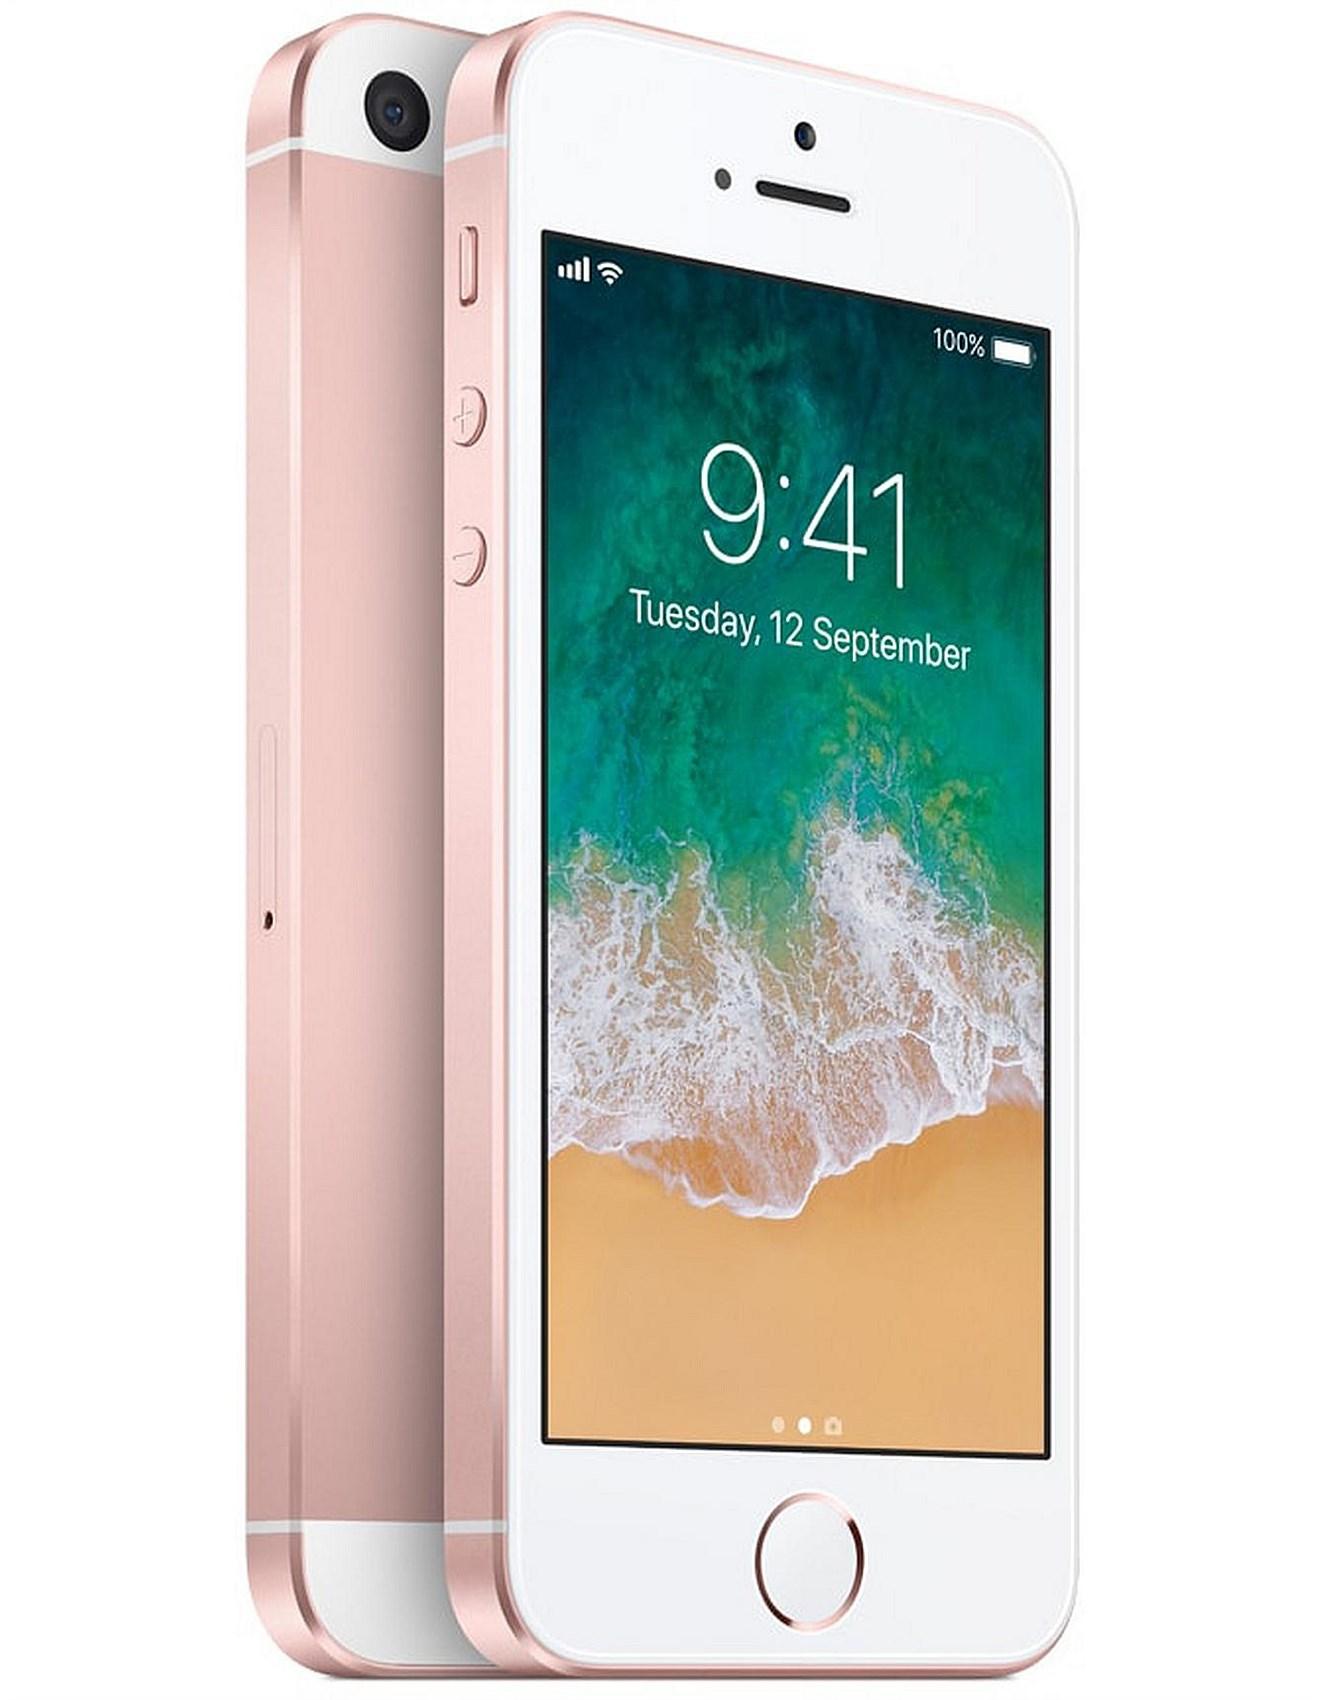 Velsete IPHONE SE 32GB ROSE GOLD MP852X/A MI-06